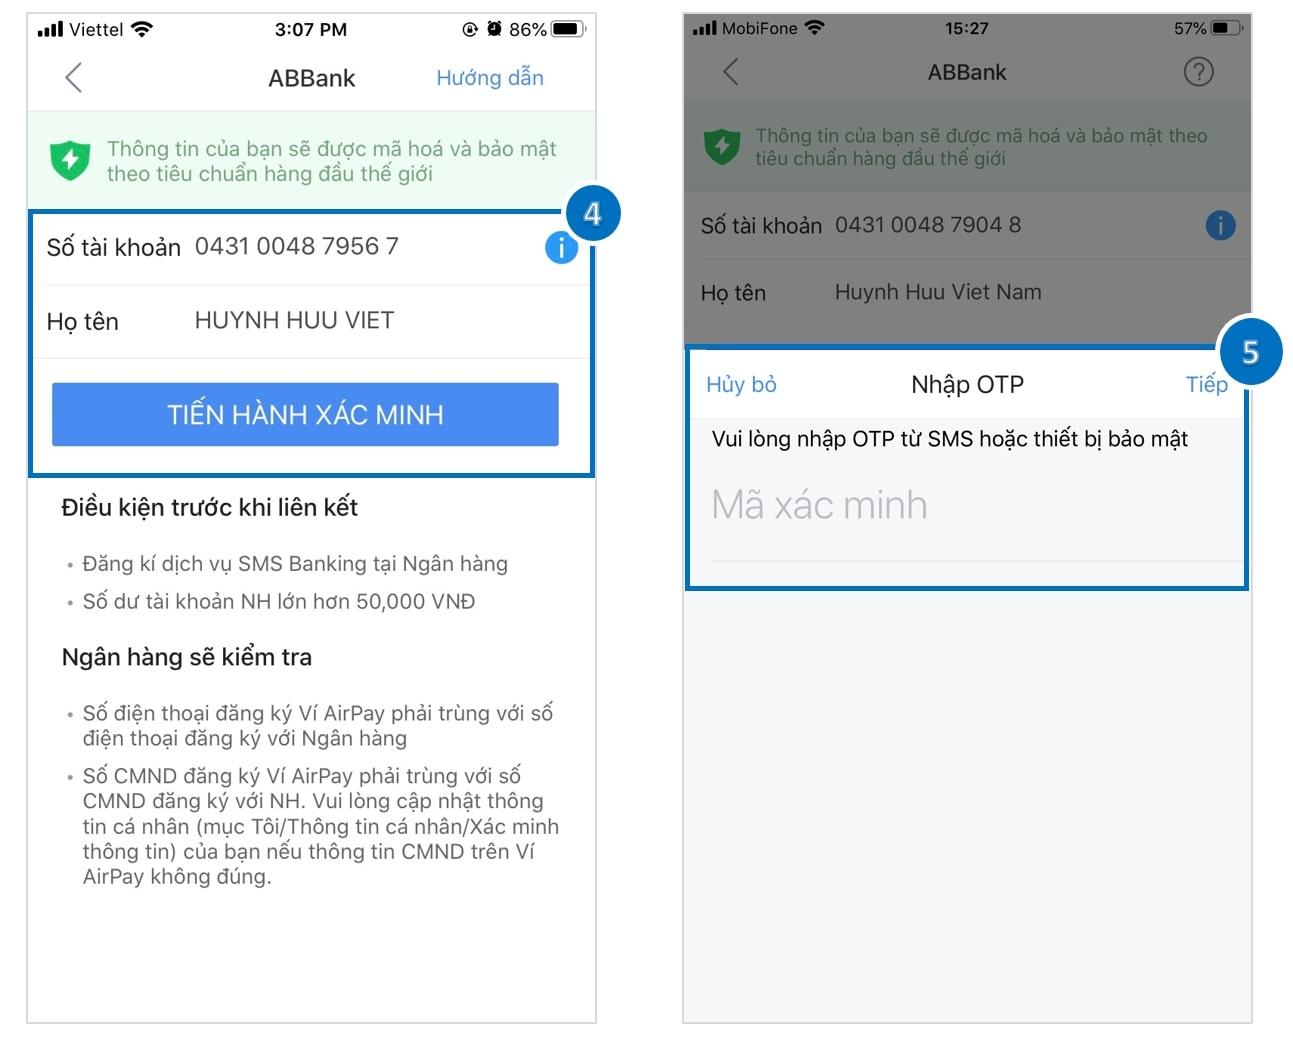 AirPay là gì? Hướng dẫn cách sử dụng và đăng ký chi tiết - Ảnh 8